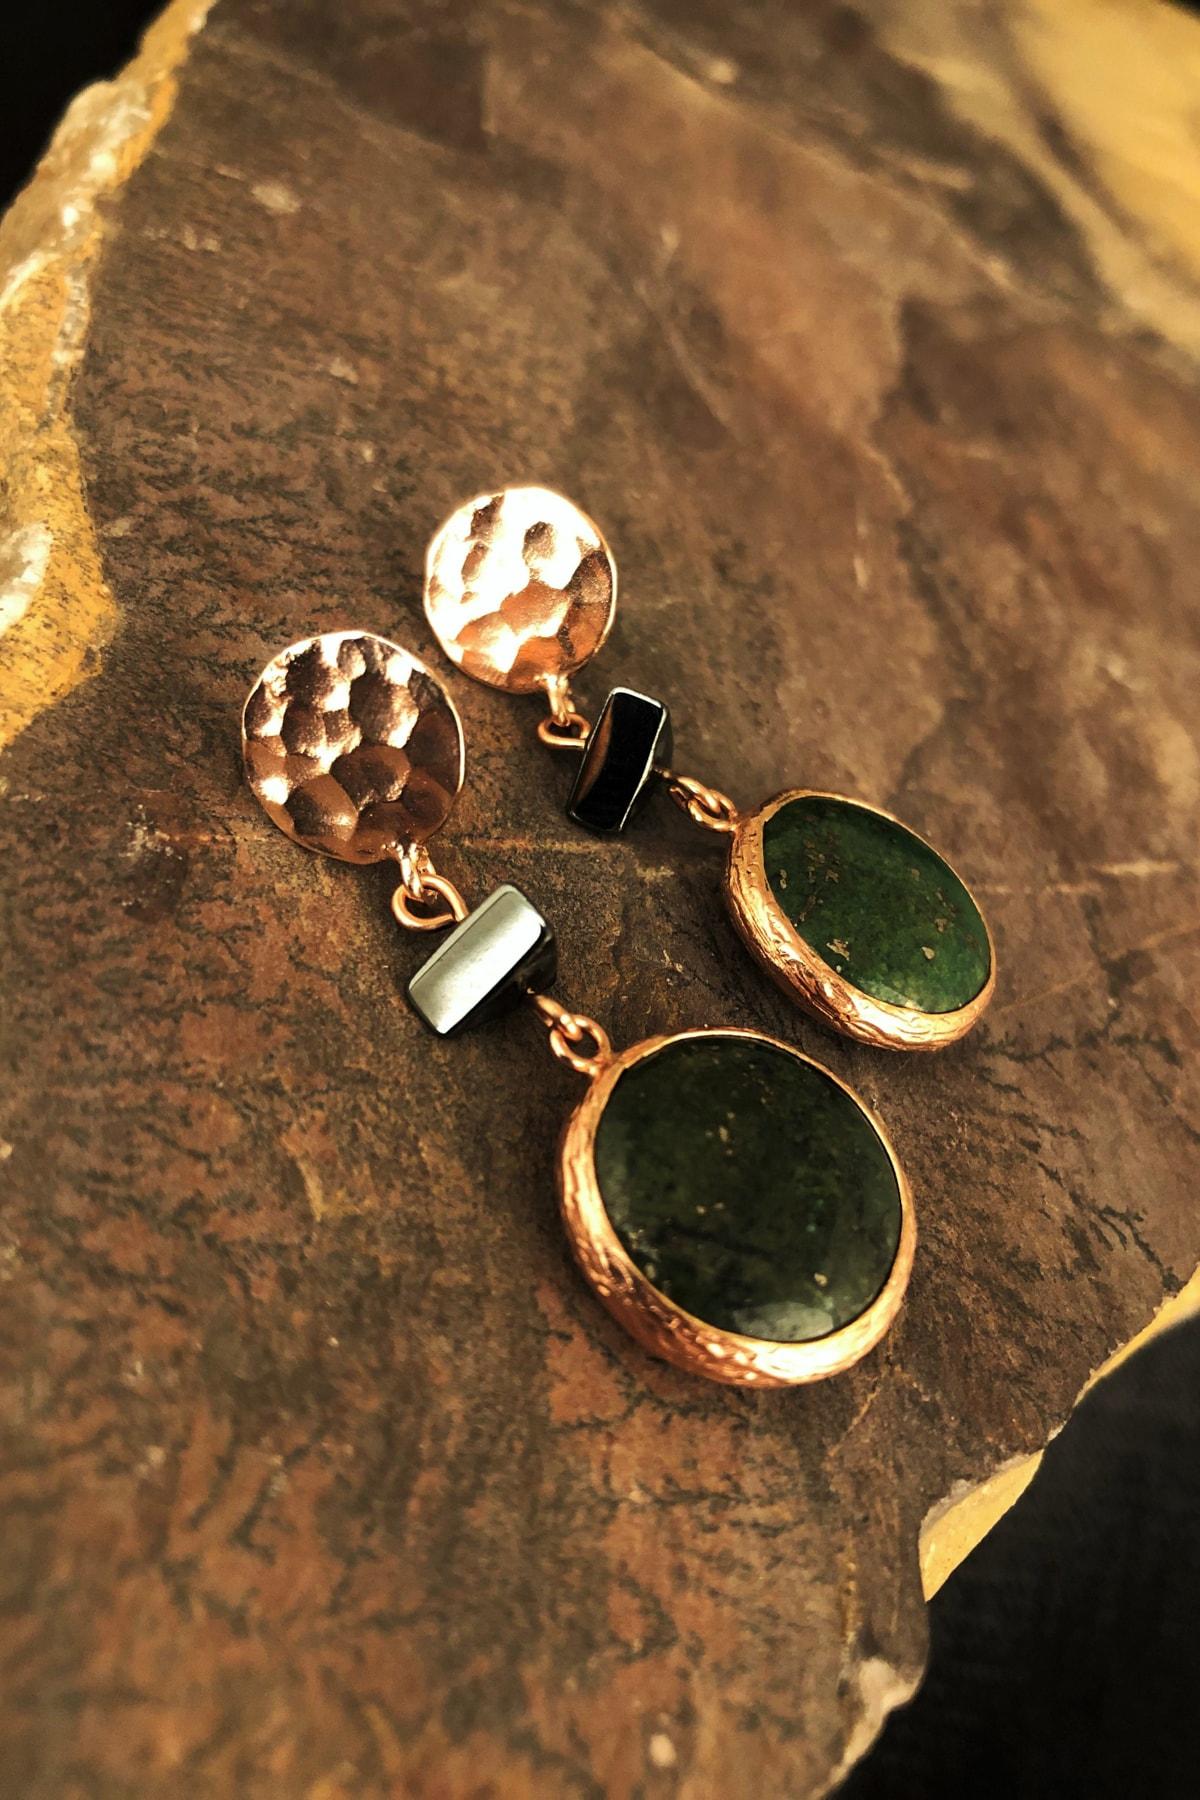 Dr. Stone Doğaltaş Kadın Rose Altın Kaplama Jade ve Hematit Taşı Küpe KRB497 1